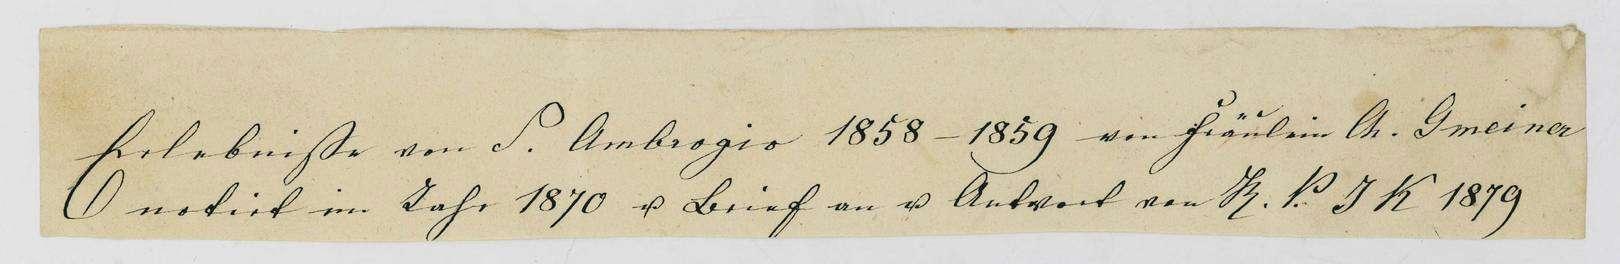 Erlebnisse der Fürstin Katharina von Hohenzollern-Sigmaringen in Sant´Ambrogio zu Rom, 1858-1859, notiert von Christiane Gmeiner 1870, Bild 2